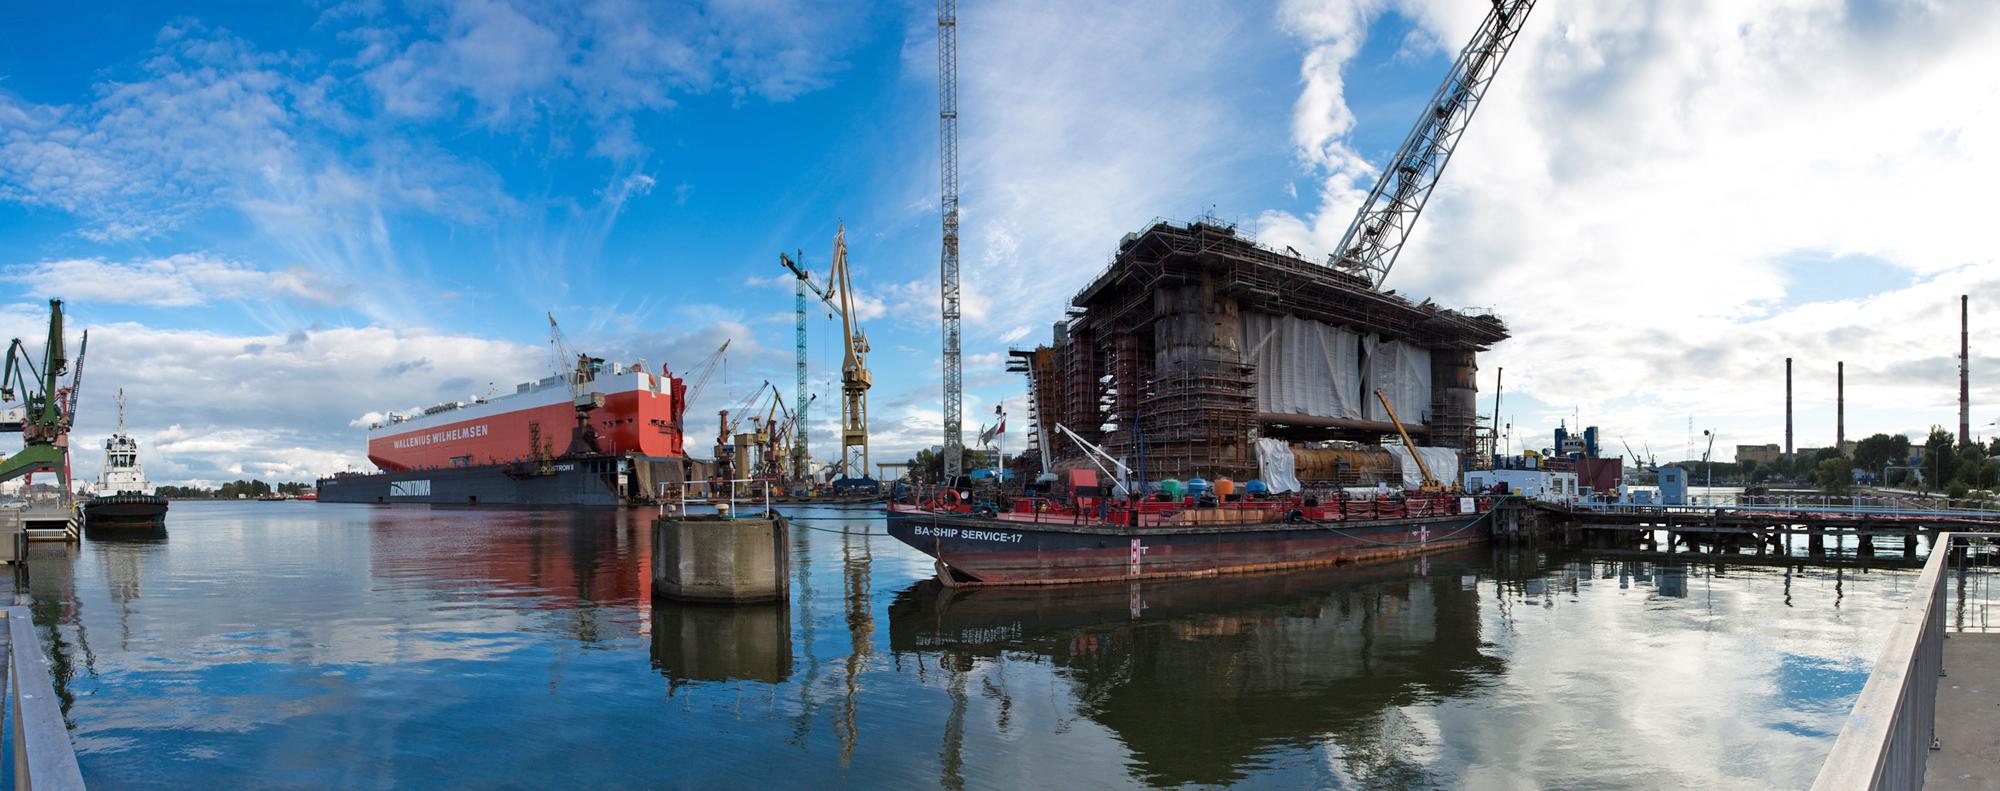 Hafen_Schiffe_F_56923389_XXL